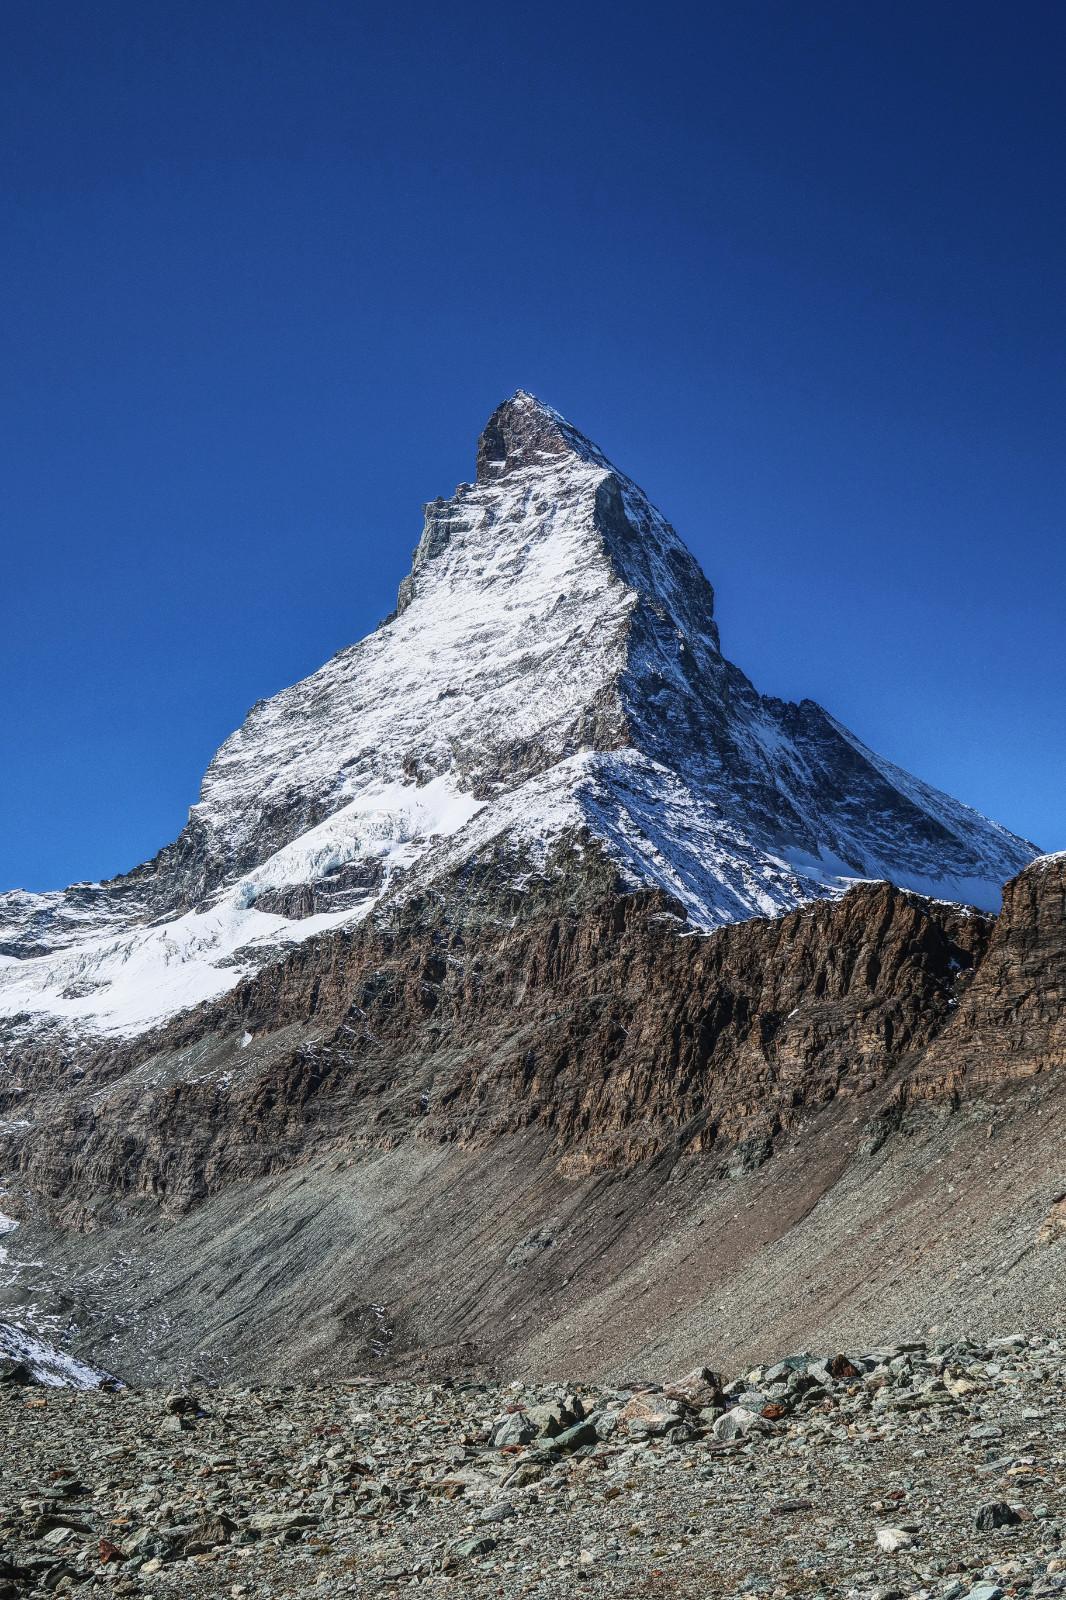 Das Matterhorn in seiner ganzen Pracht vom Hirli aus gesehen.